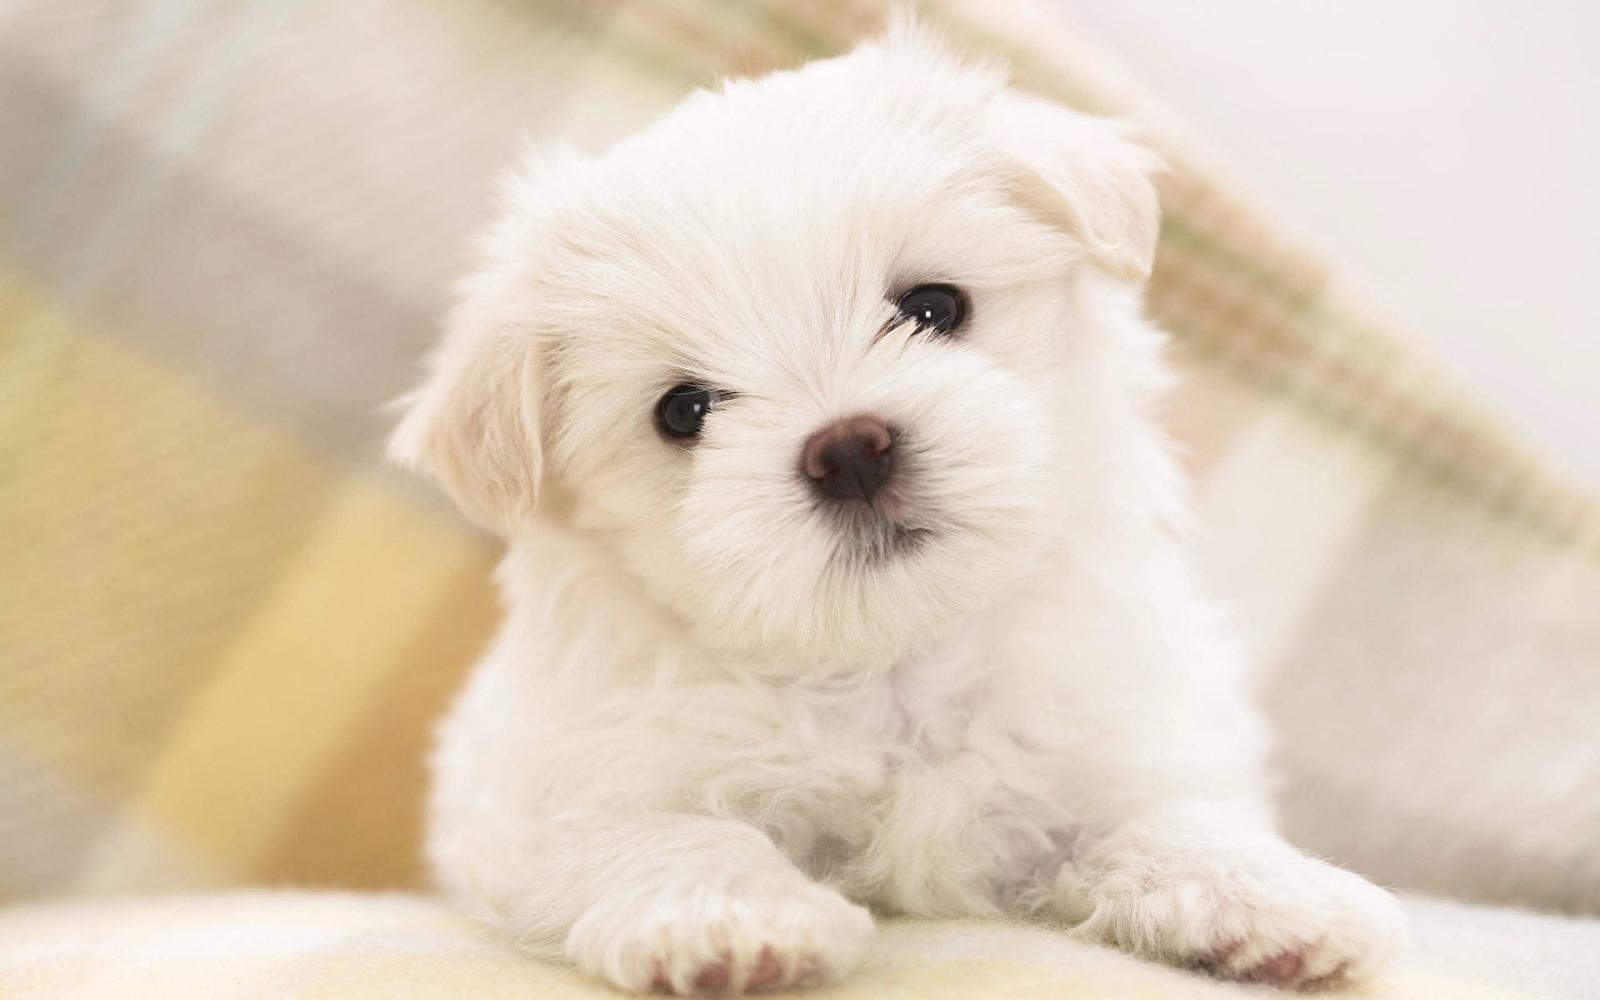 Nằm mơ thấy chó màu trắng là điềm báo tốt trong tương lai